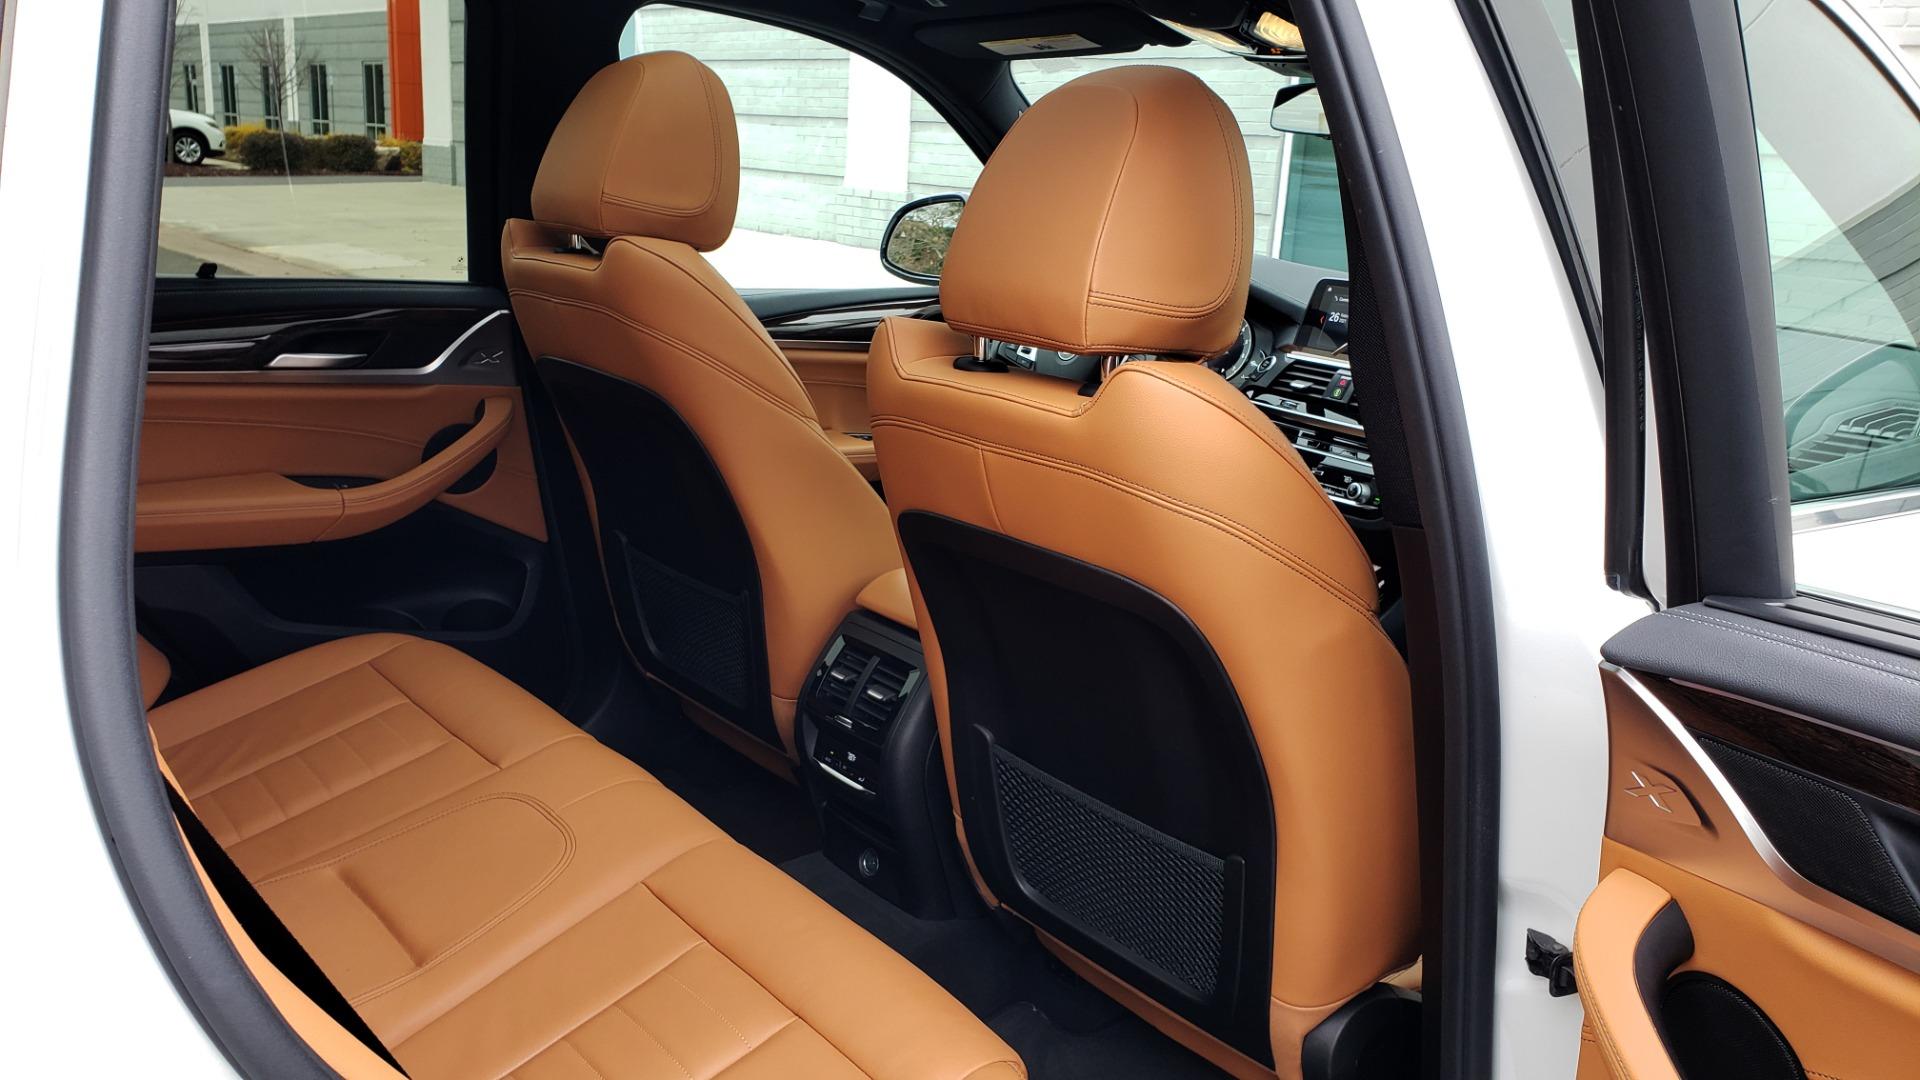 Used 2018 BMW X3 XDRIVE30I / LUX PKG / PREM PKG / CONV PKG / PDC / APPLE CARPLAY for sale Sold at Formula Imports in Charlotte NC 28227 82